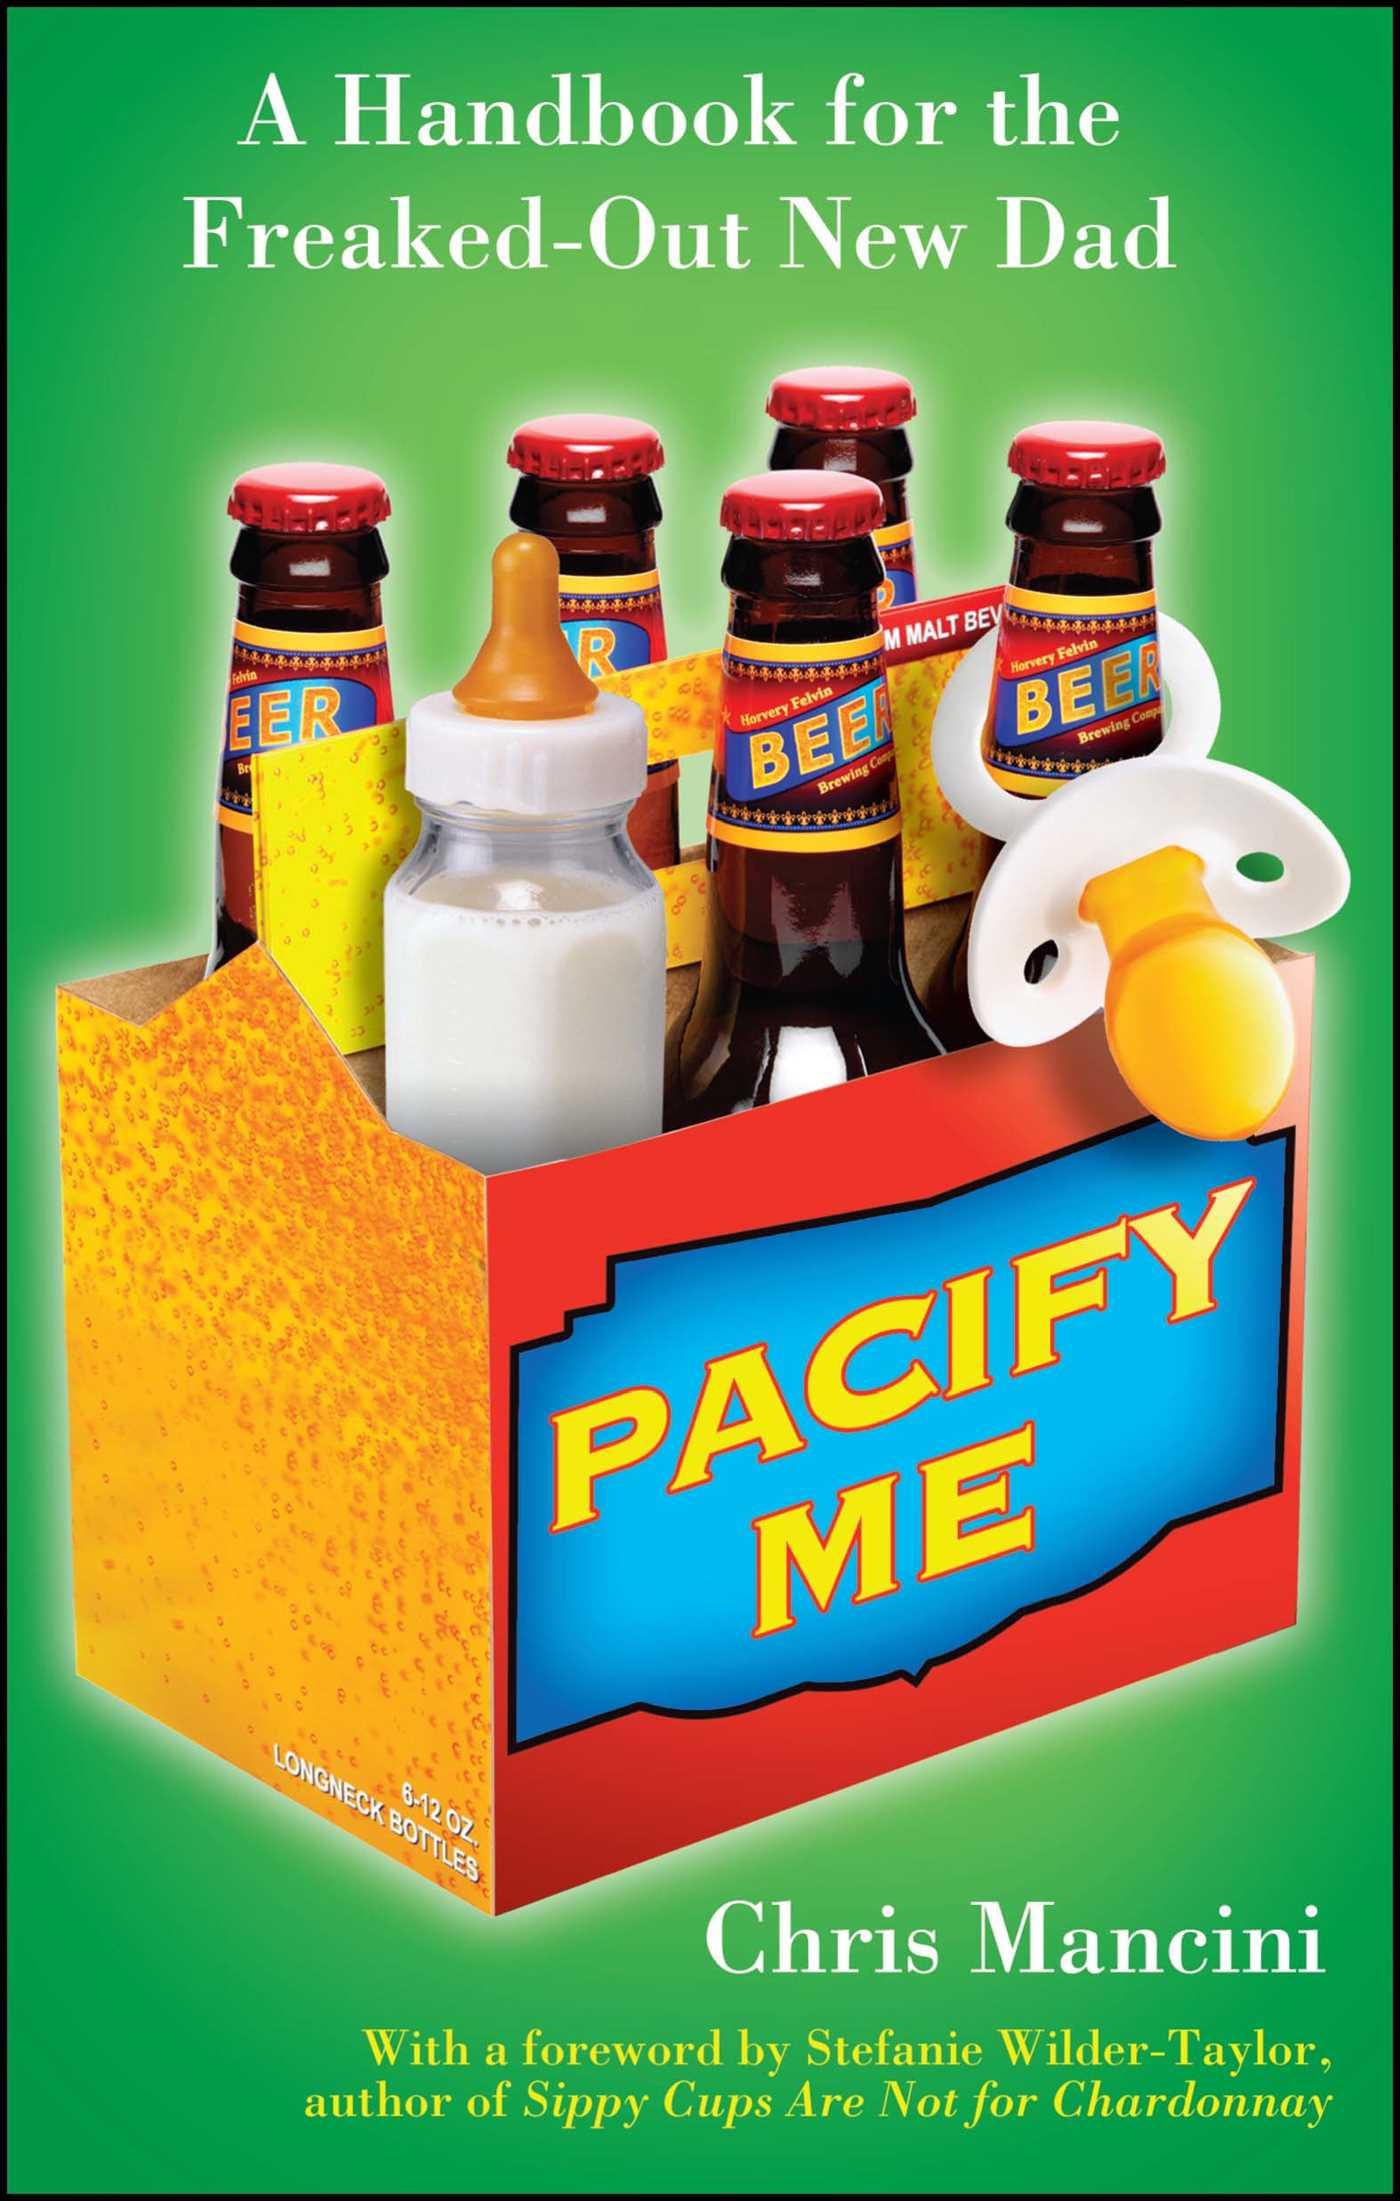 Pacify me 9781439128879 hr